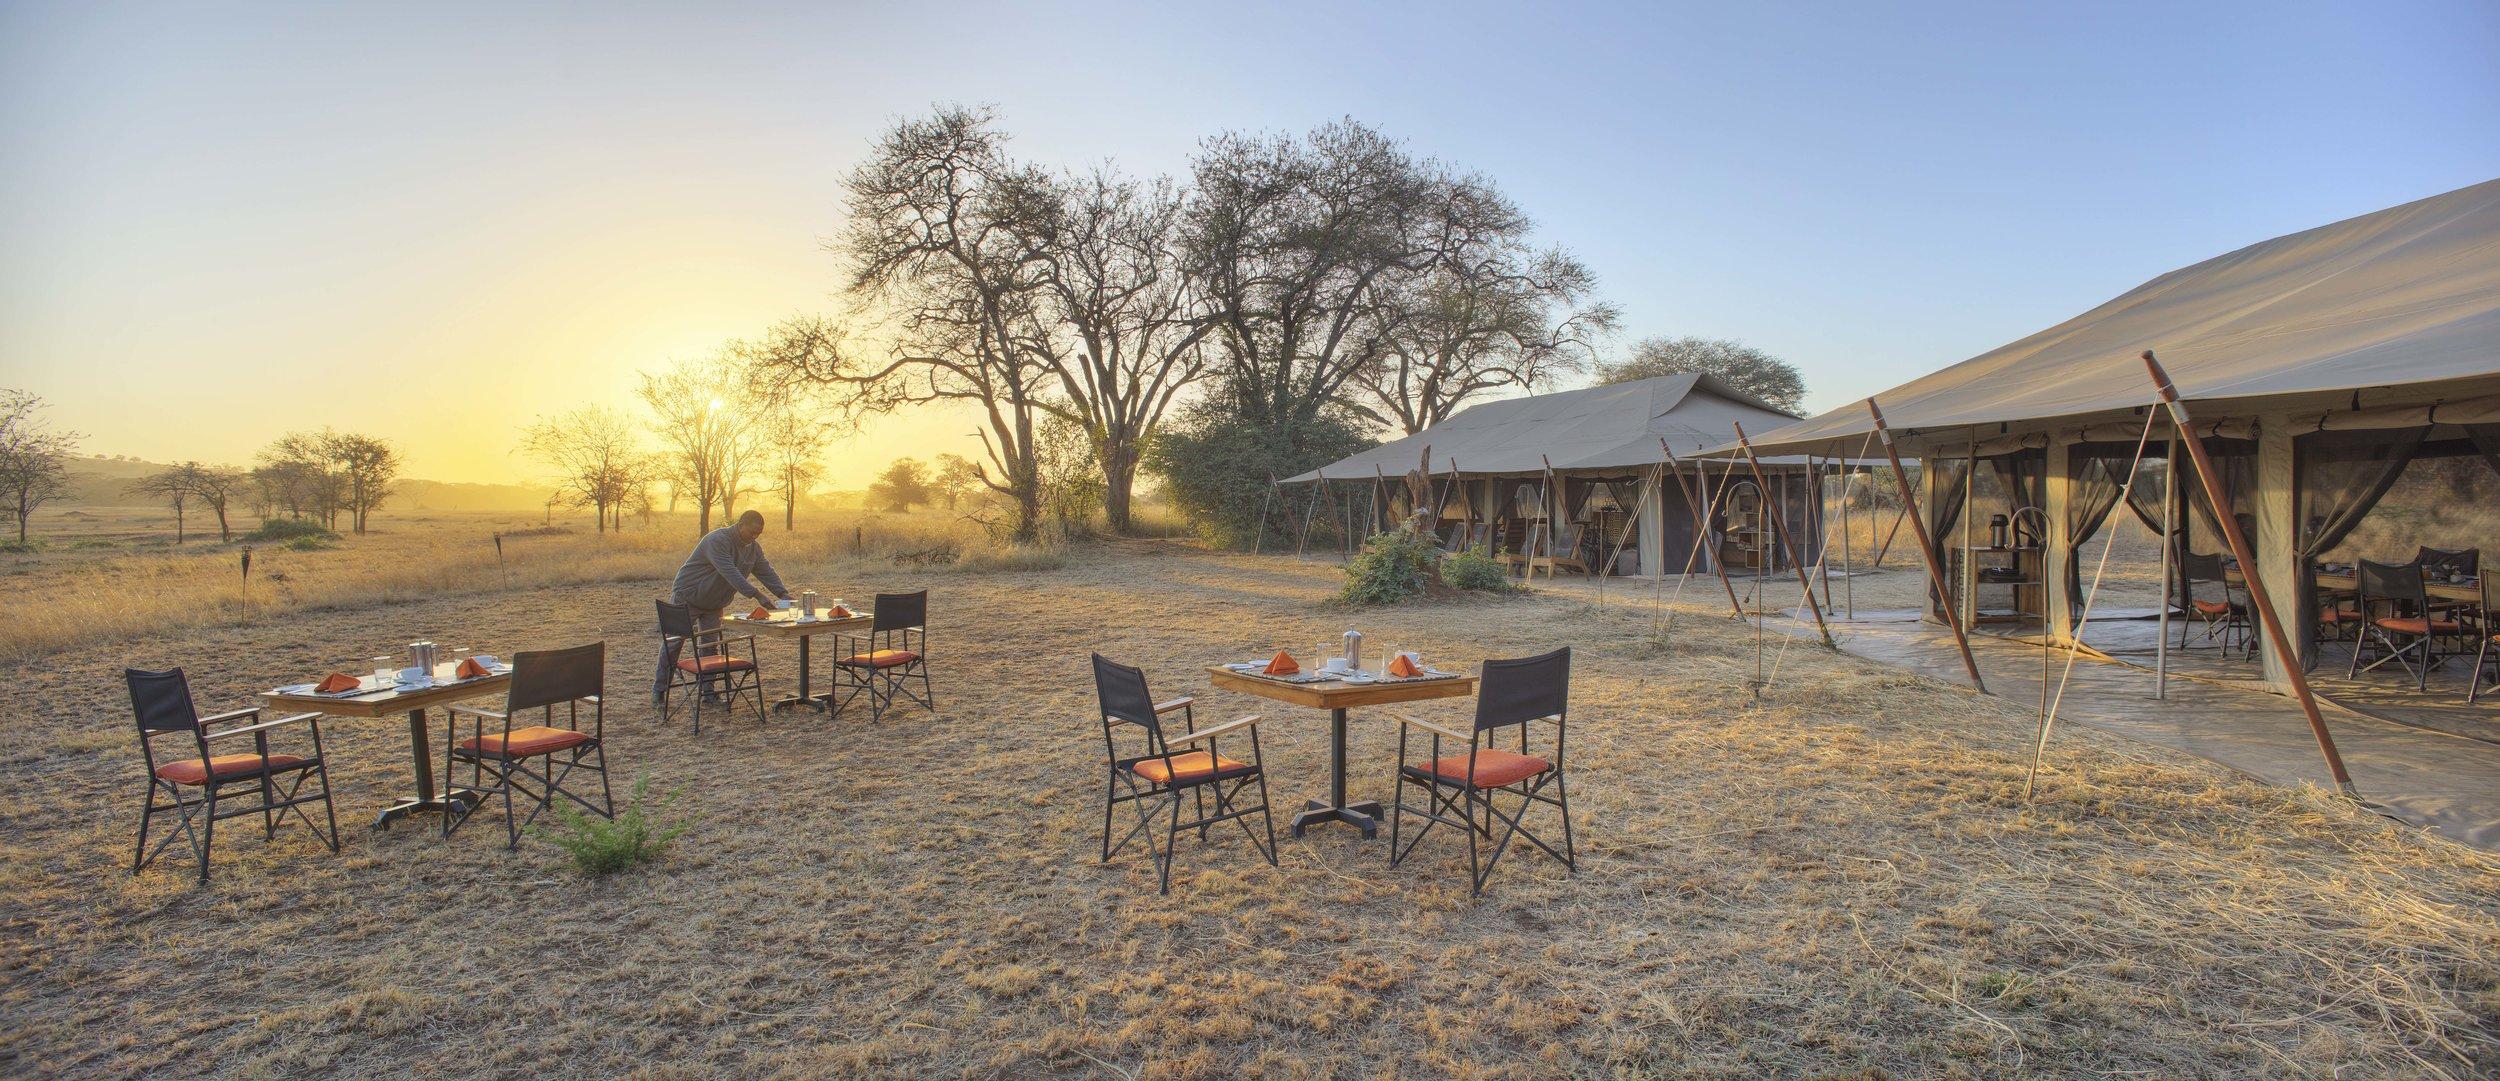 ubuntu-camp-outdoor-dining.jpg